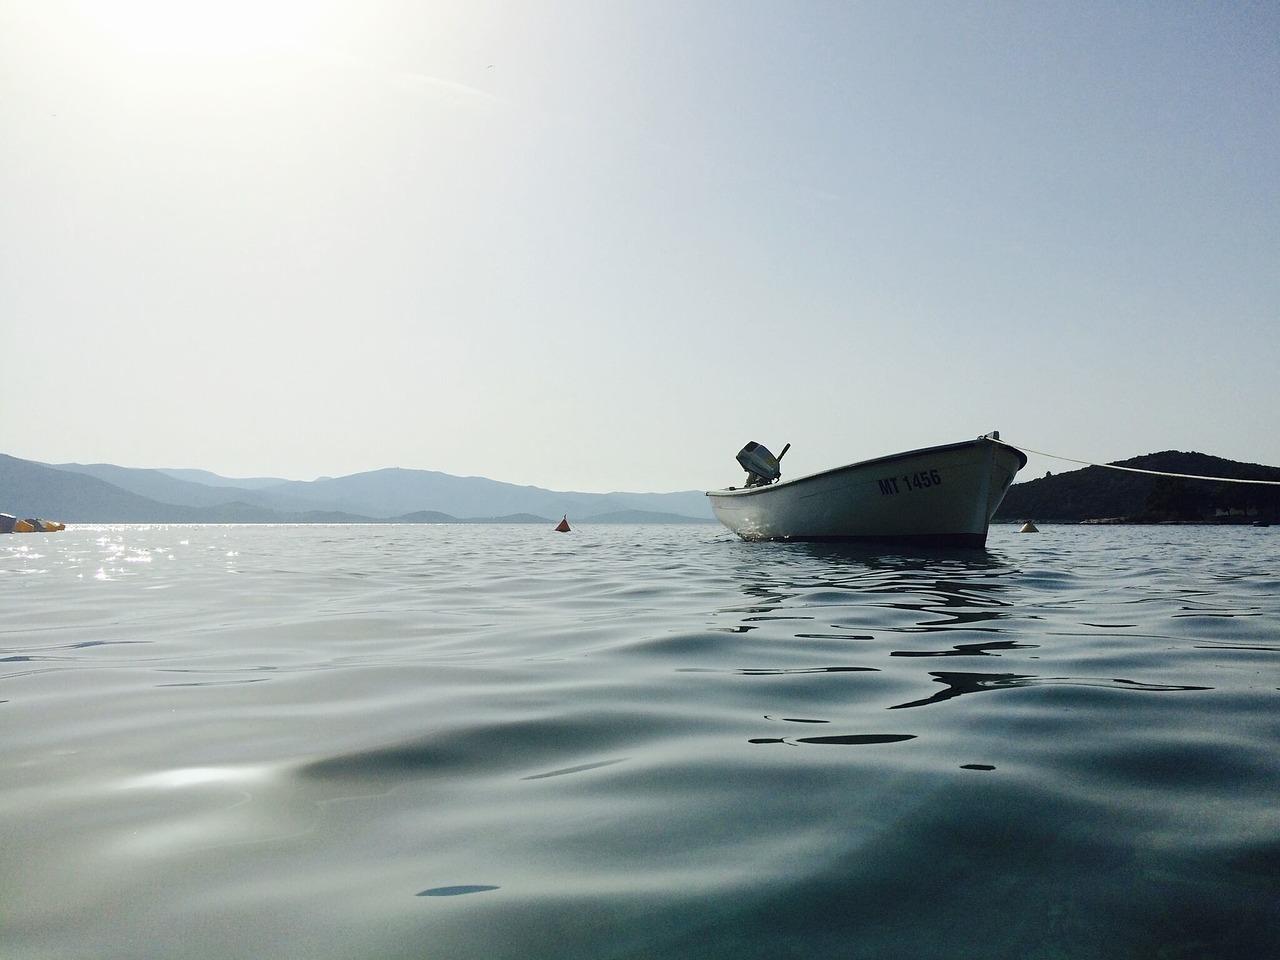 日本:欧州富裕層向けチャーターヨットによる滞在型周遊ツアー実証実験、伊勢志摩・鳥羽地域の魅力と課題が明らかに